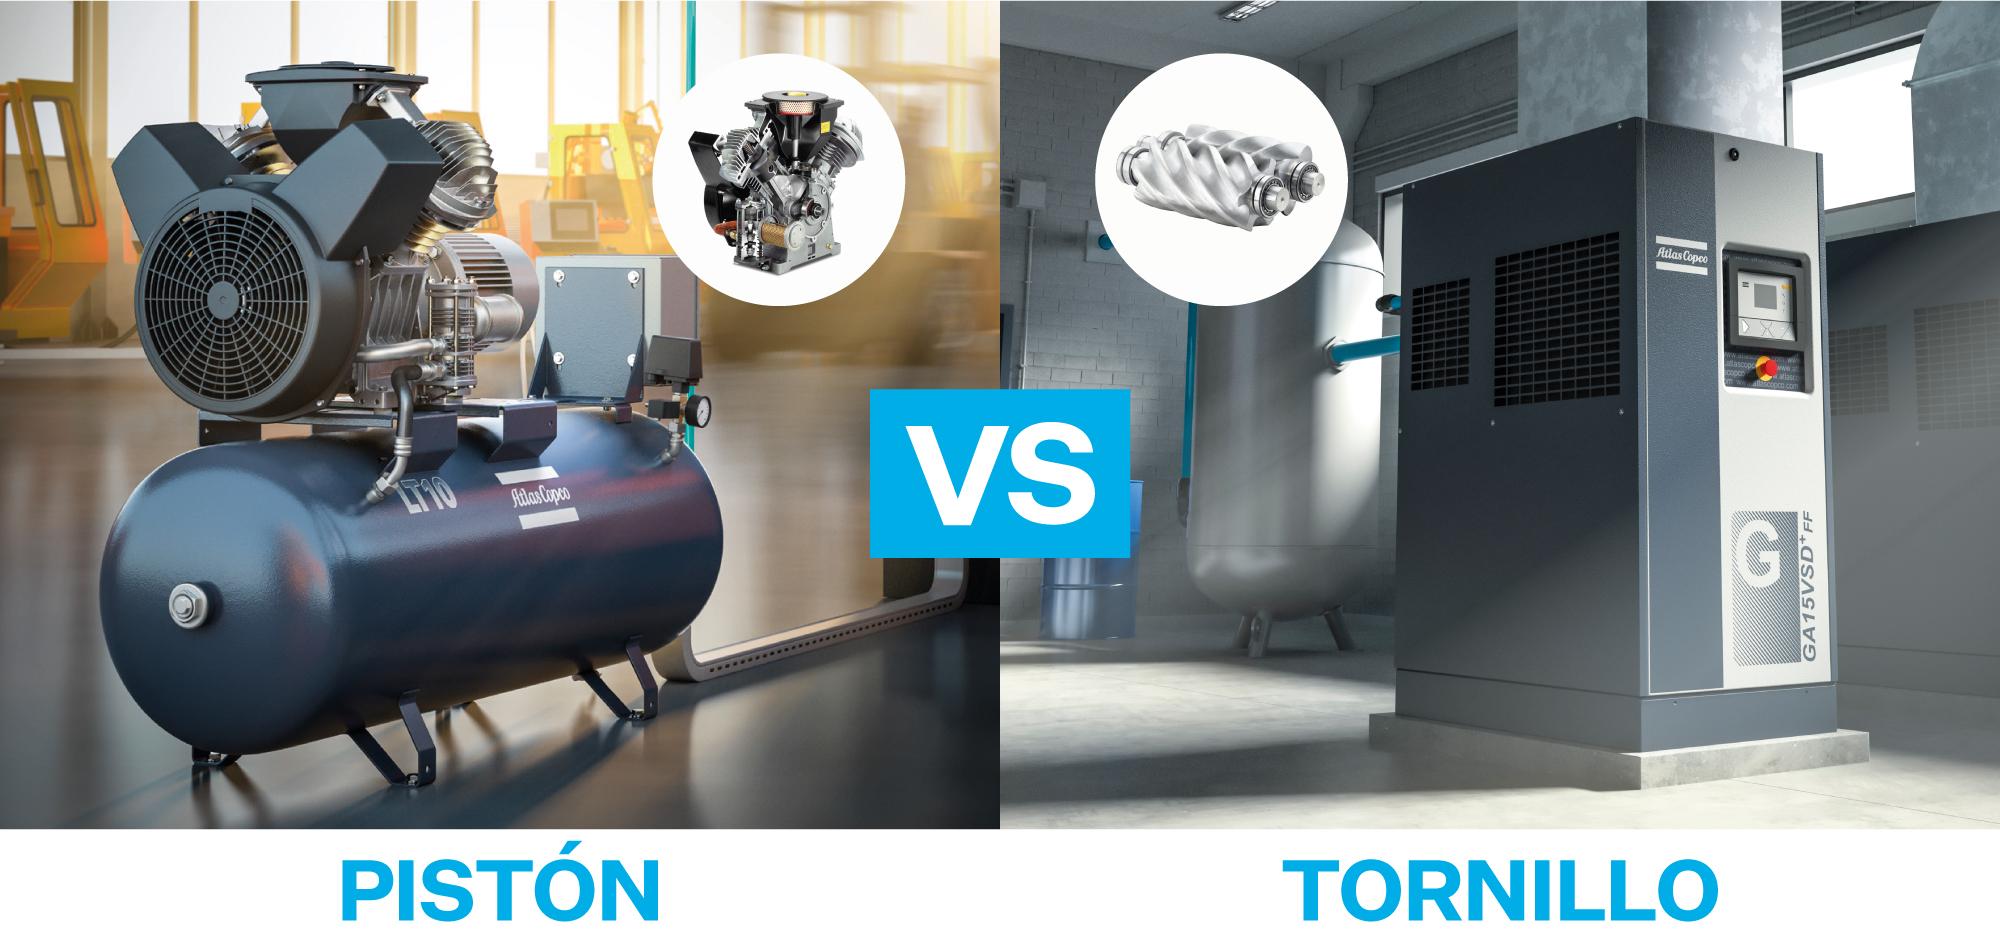 compresor de piston versus compresor de tornillo